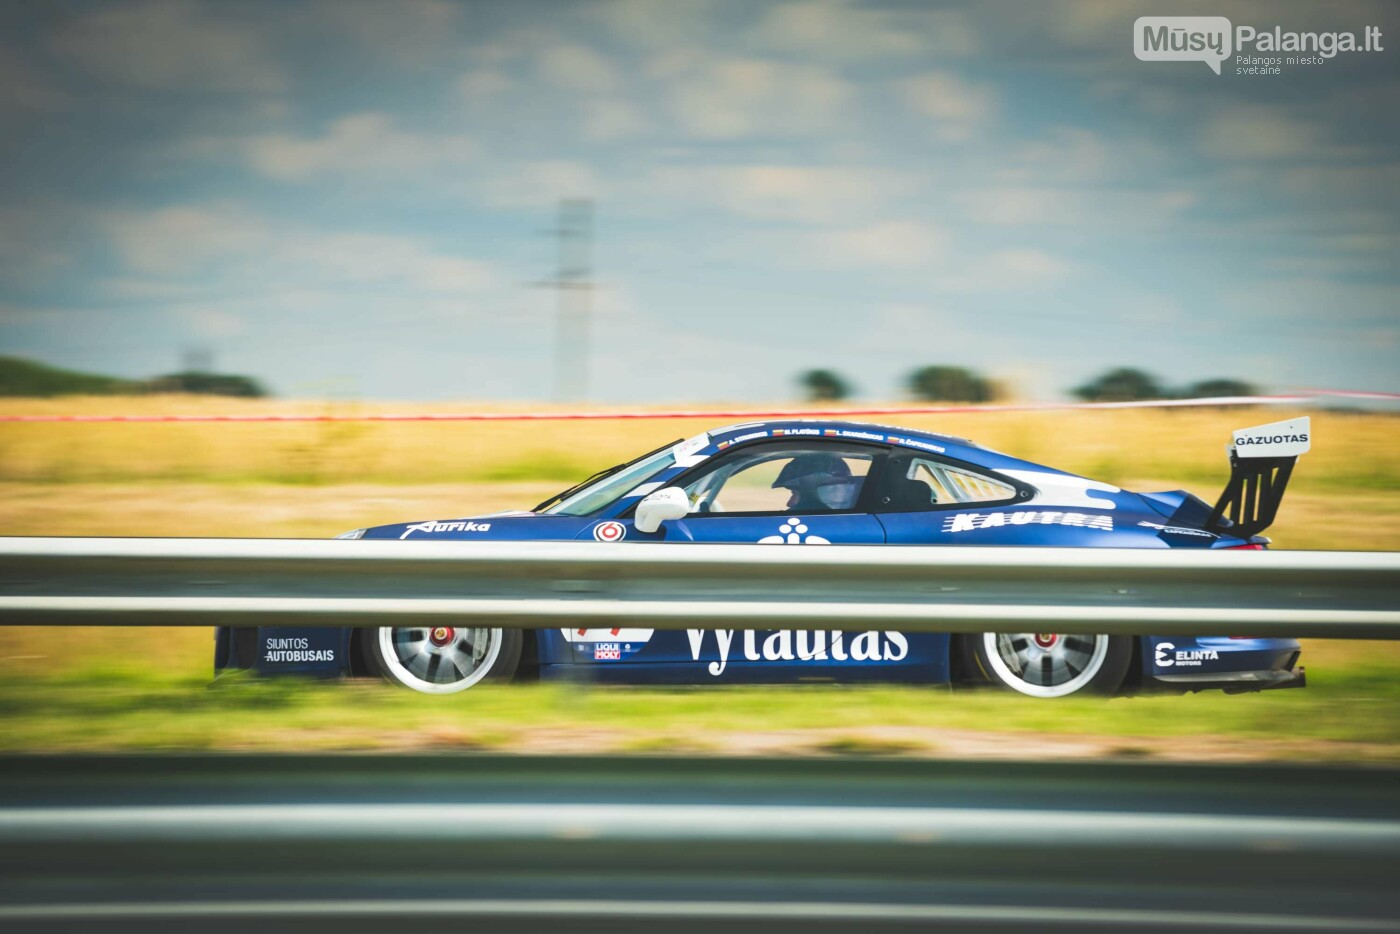 """Pirmoji """"Aurum 1006 km lenktynių"""" repeticija, nuotrauka-20, Arno STRUMILOS nuotr."""